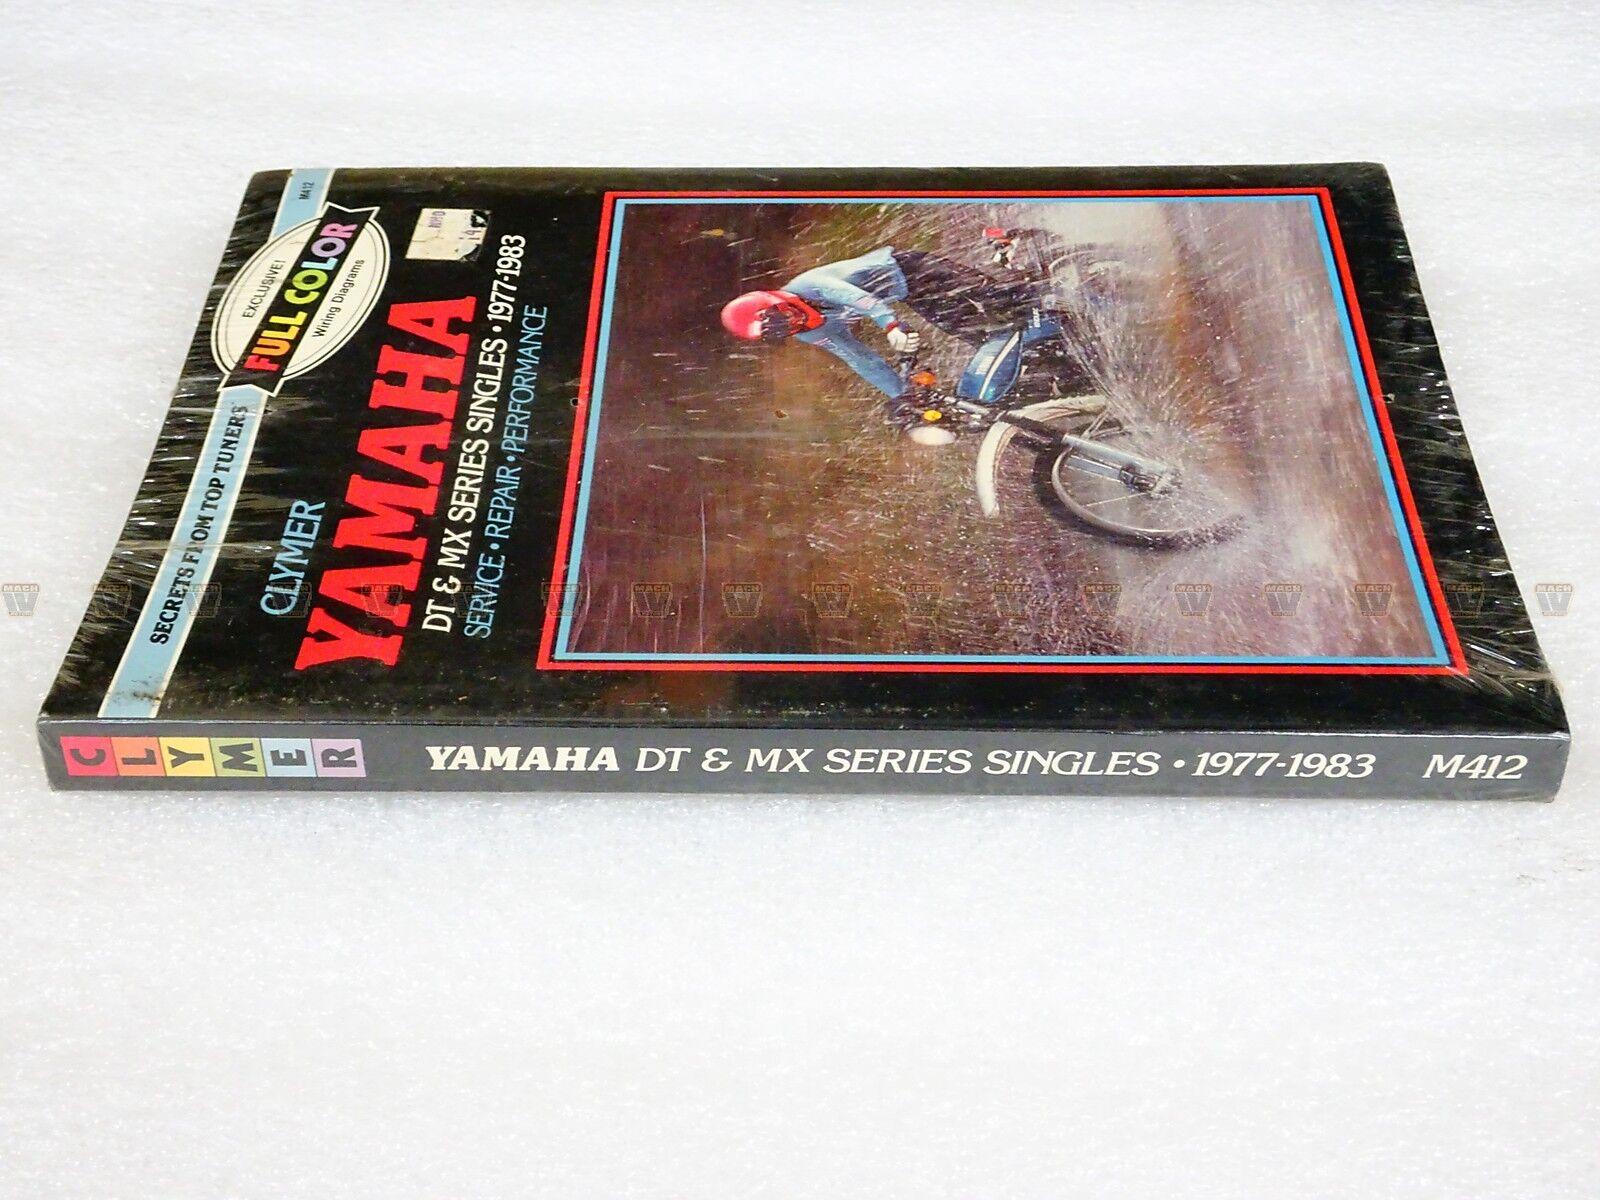 Clymer Yamaha Dt Mx Series Singles 1977 1983 Repair Maintenance Dt400 Wiring Diagram Manual Y412 Ebay